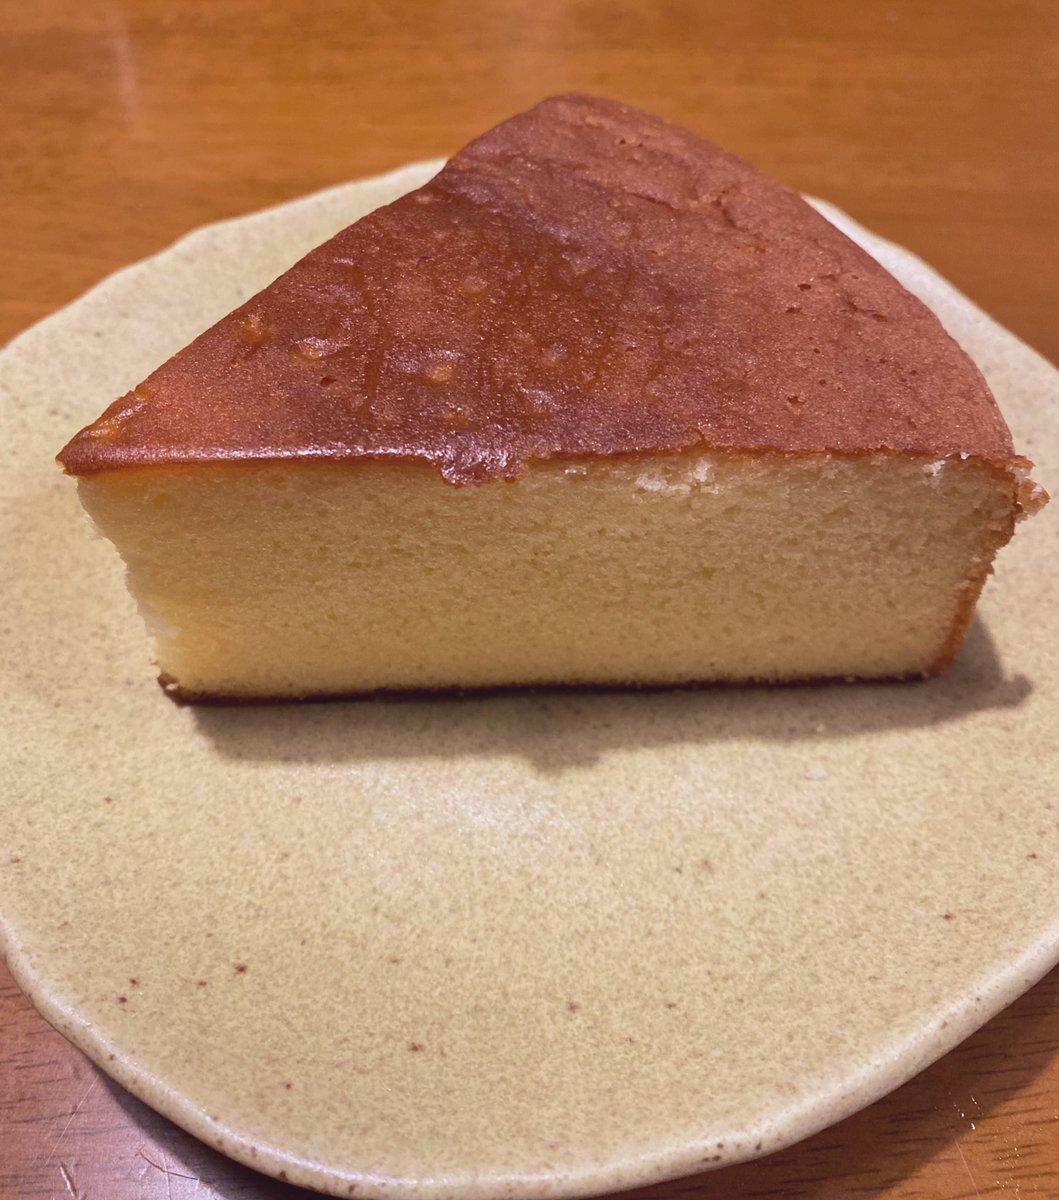 test ツイッターメディア - お取り寄せしたのを頂いた、広島の、長崎堂のバターケーキ。 めちゃくちゃ美味しくて感動♥ 大好きなルピシアのロゼロワイヤルと共にいただきます🙏♥✨ https://t.co/s8oPCl3n25